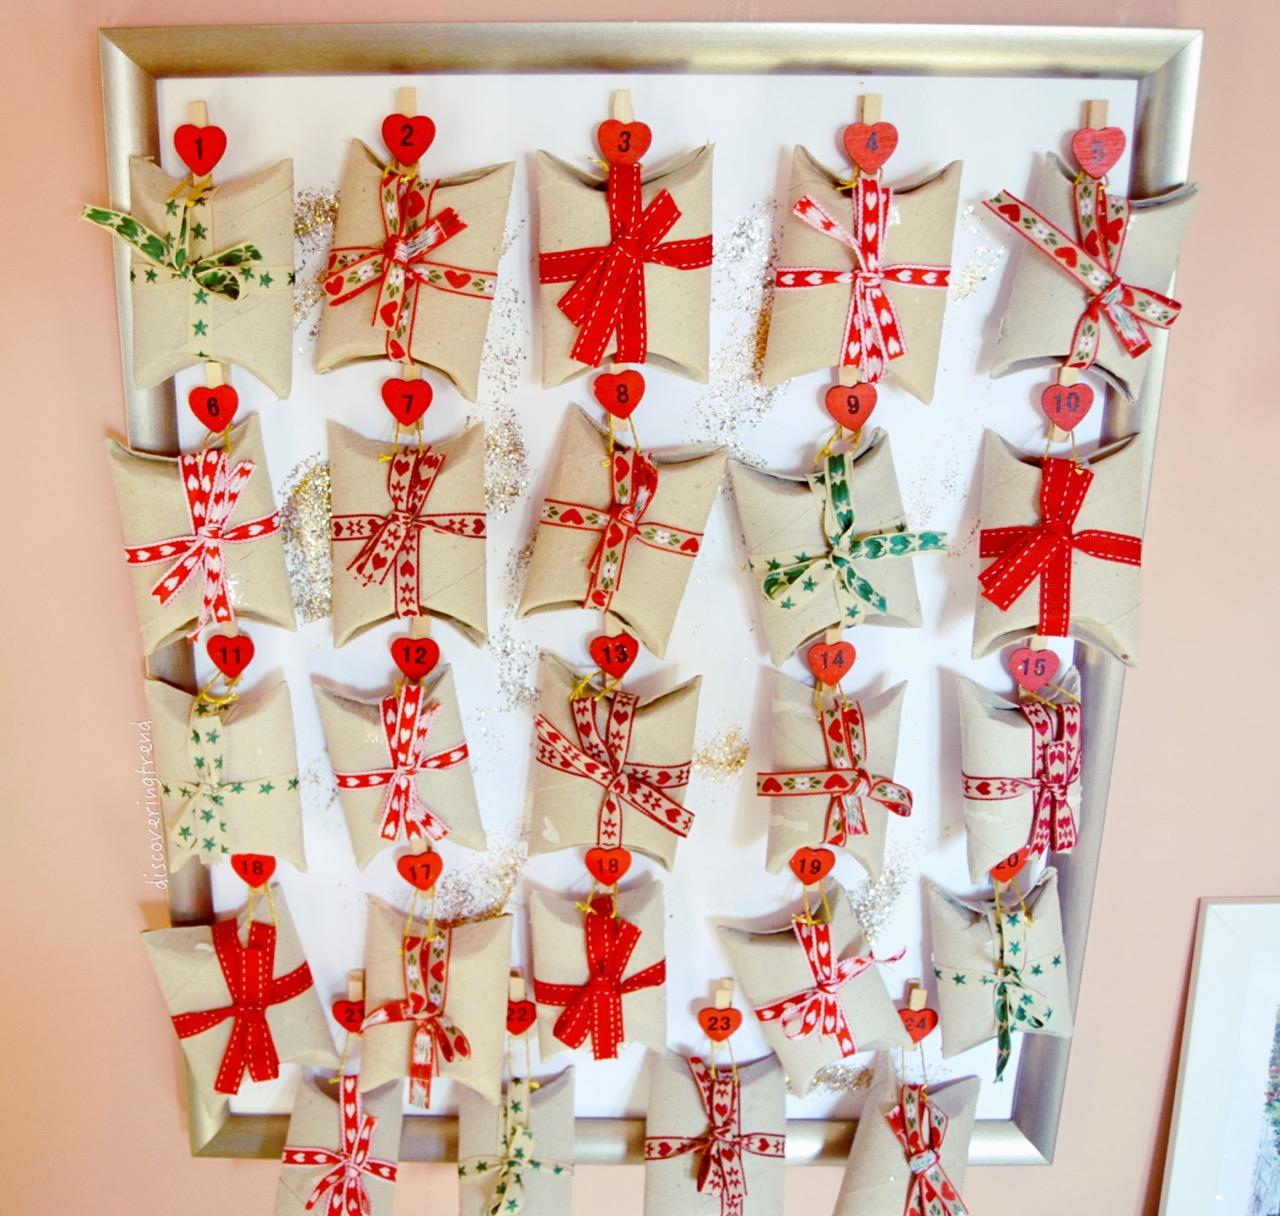 Calendario Avvento Pinterest.Christmas Diy Calendario Dell Avvento Fai Da Te